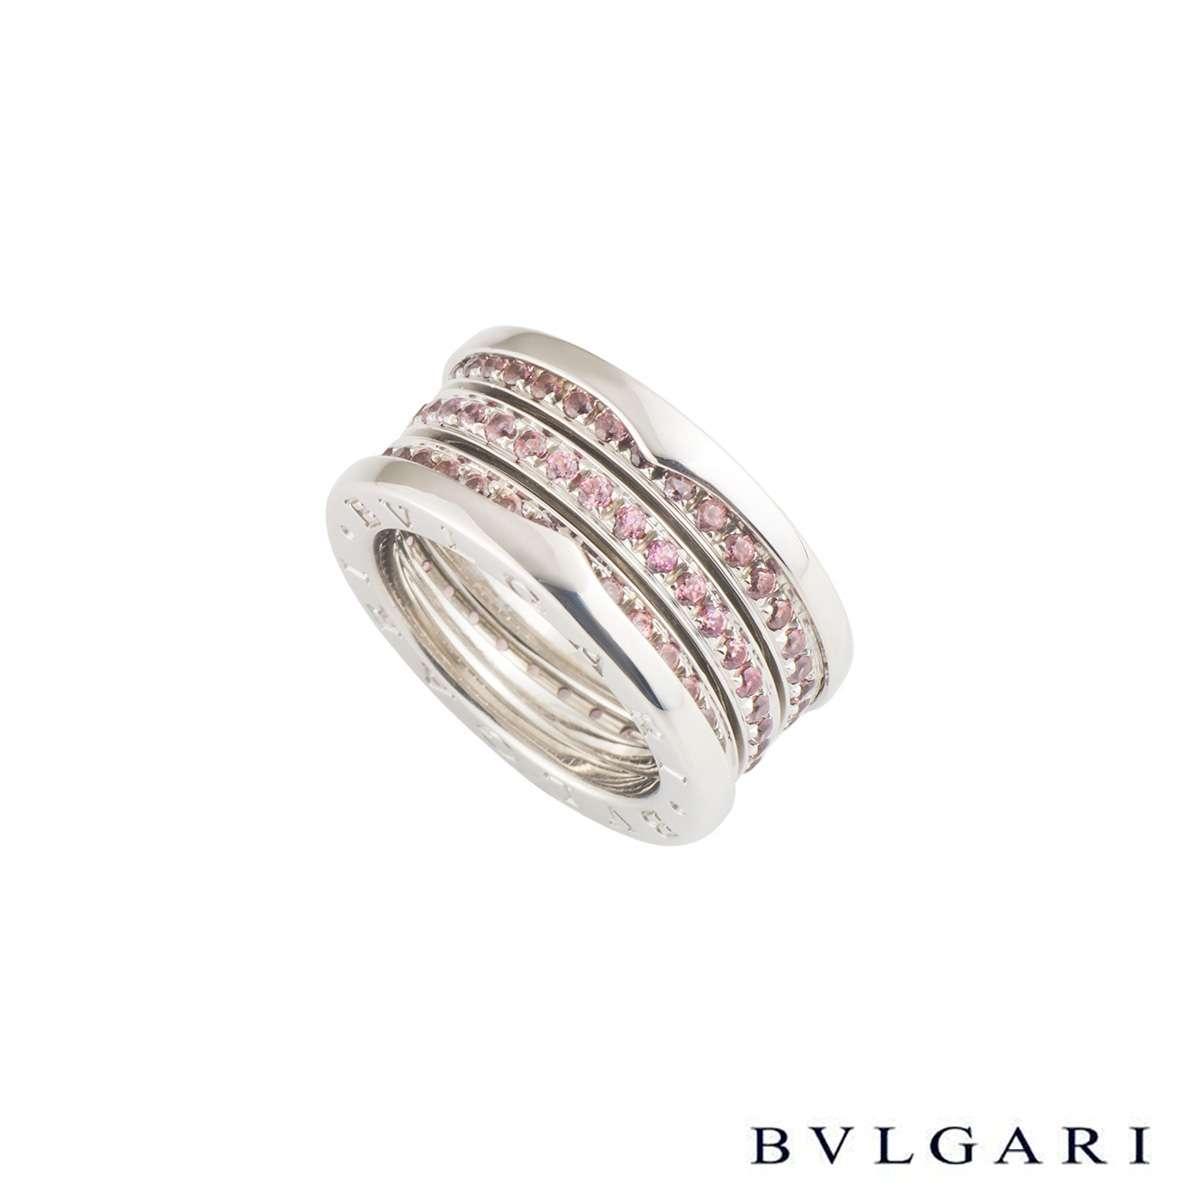 Bvlgari B.zero1 Pink Sapphire Ring